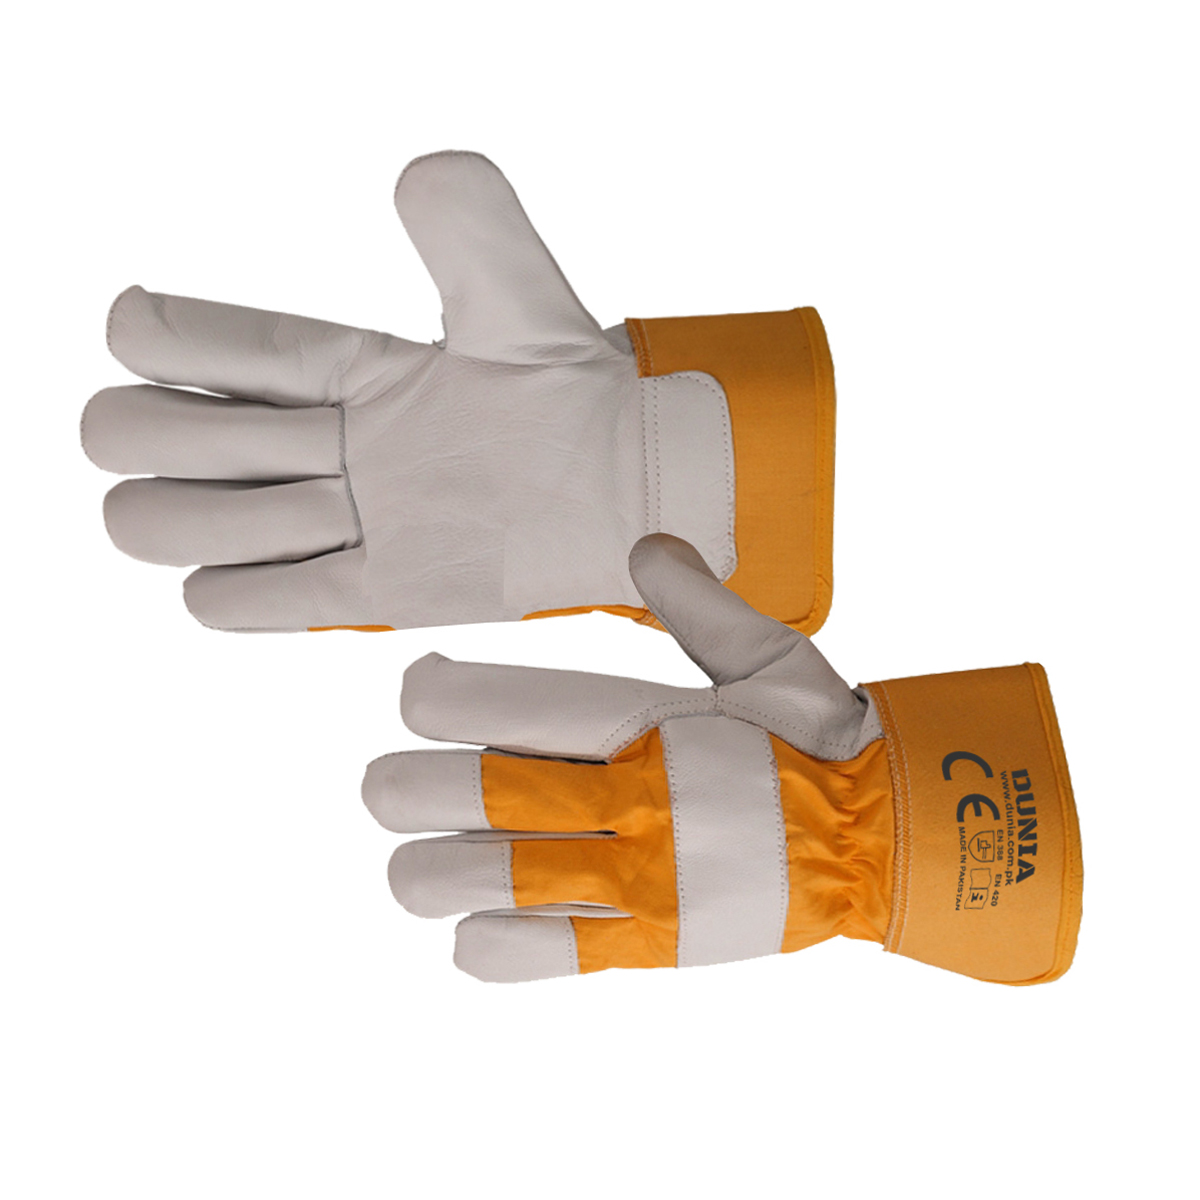 DTC-438-OG Canadian Rigger Gloves Orange